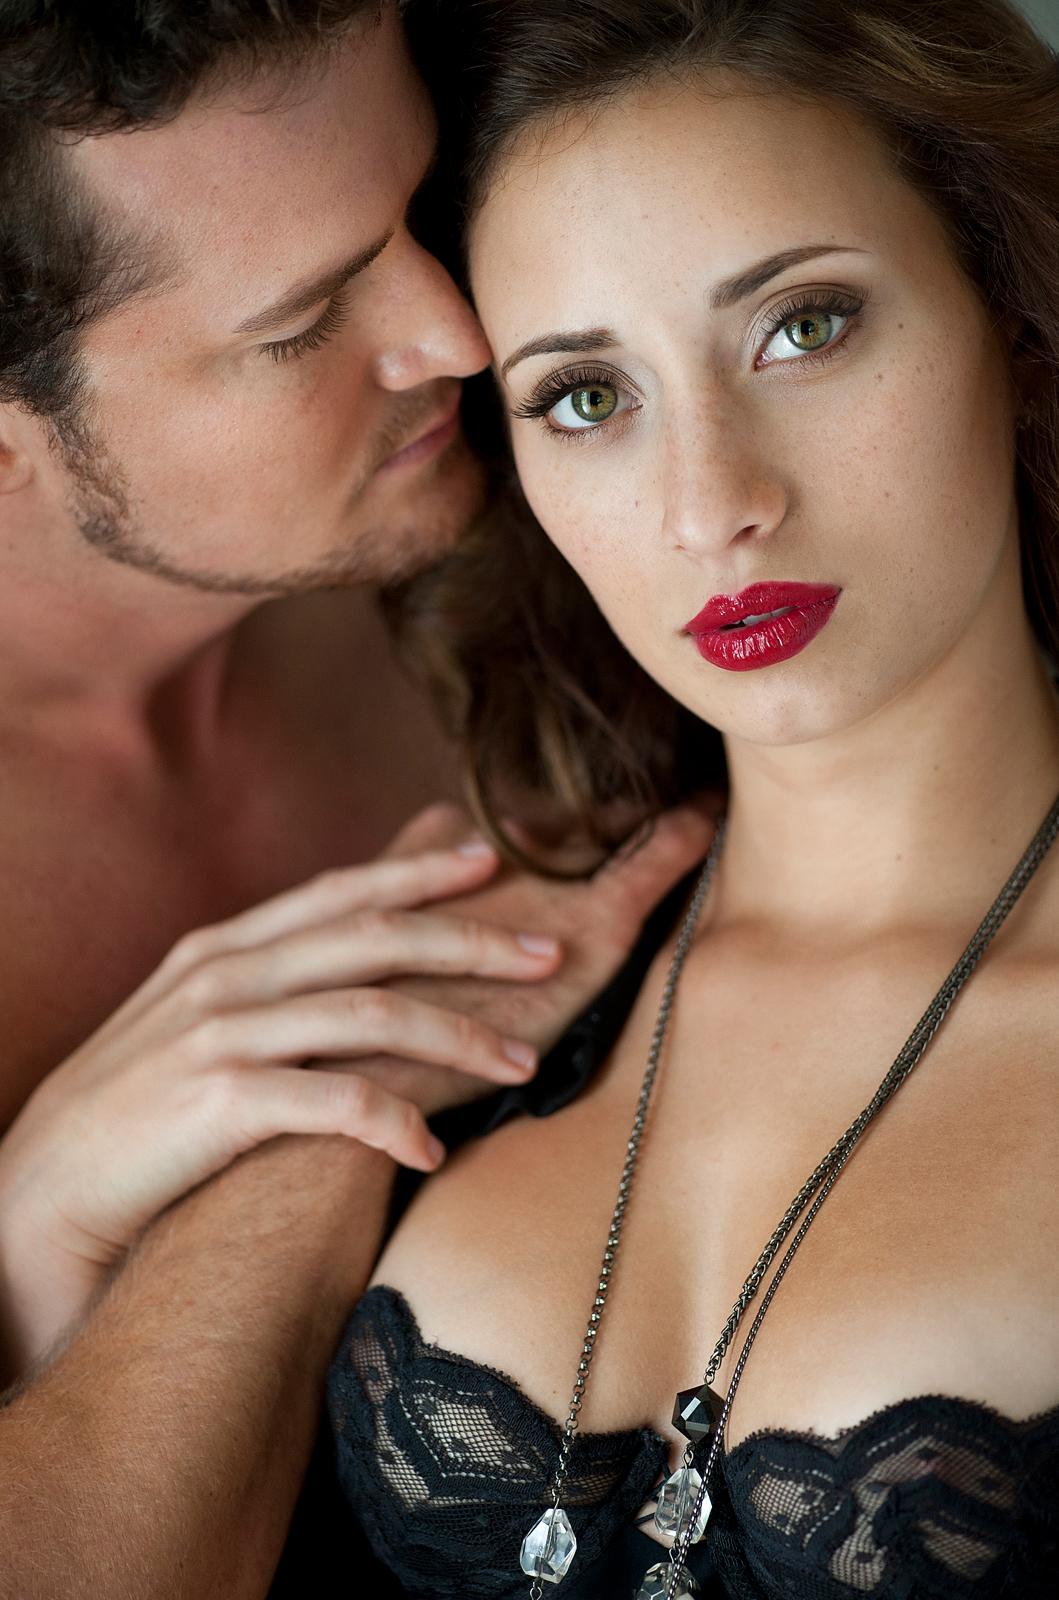 04-sexy-couple-engagement-portrait-boudoir-lingerie.jpg